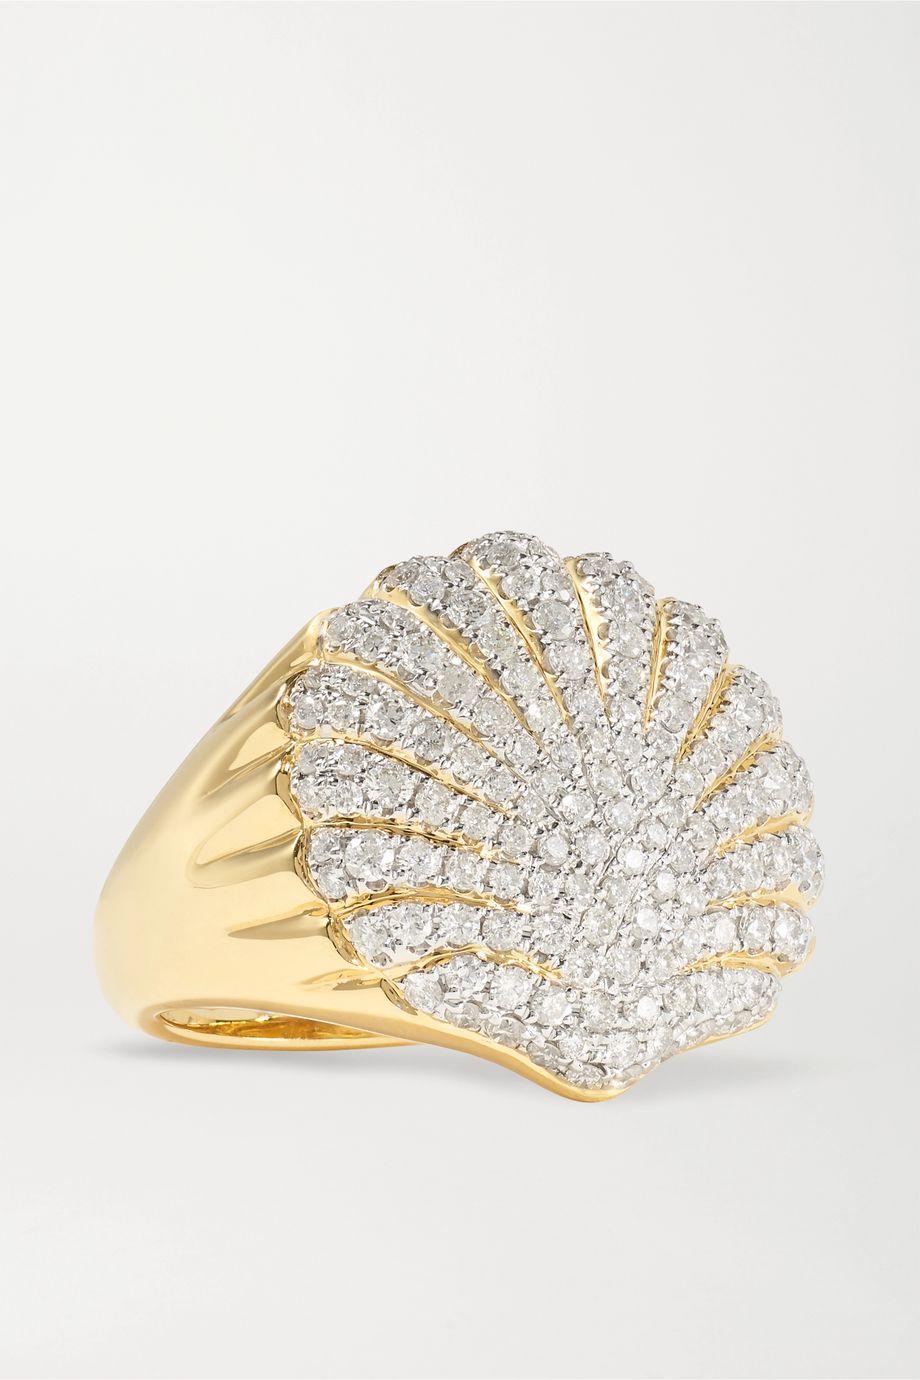 Yvonne Léon 18-karat gold diamond ring